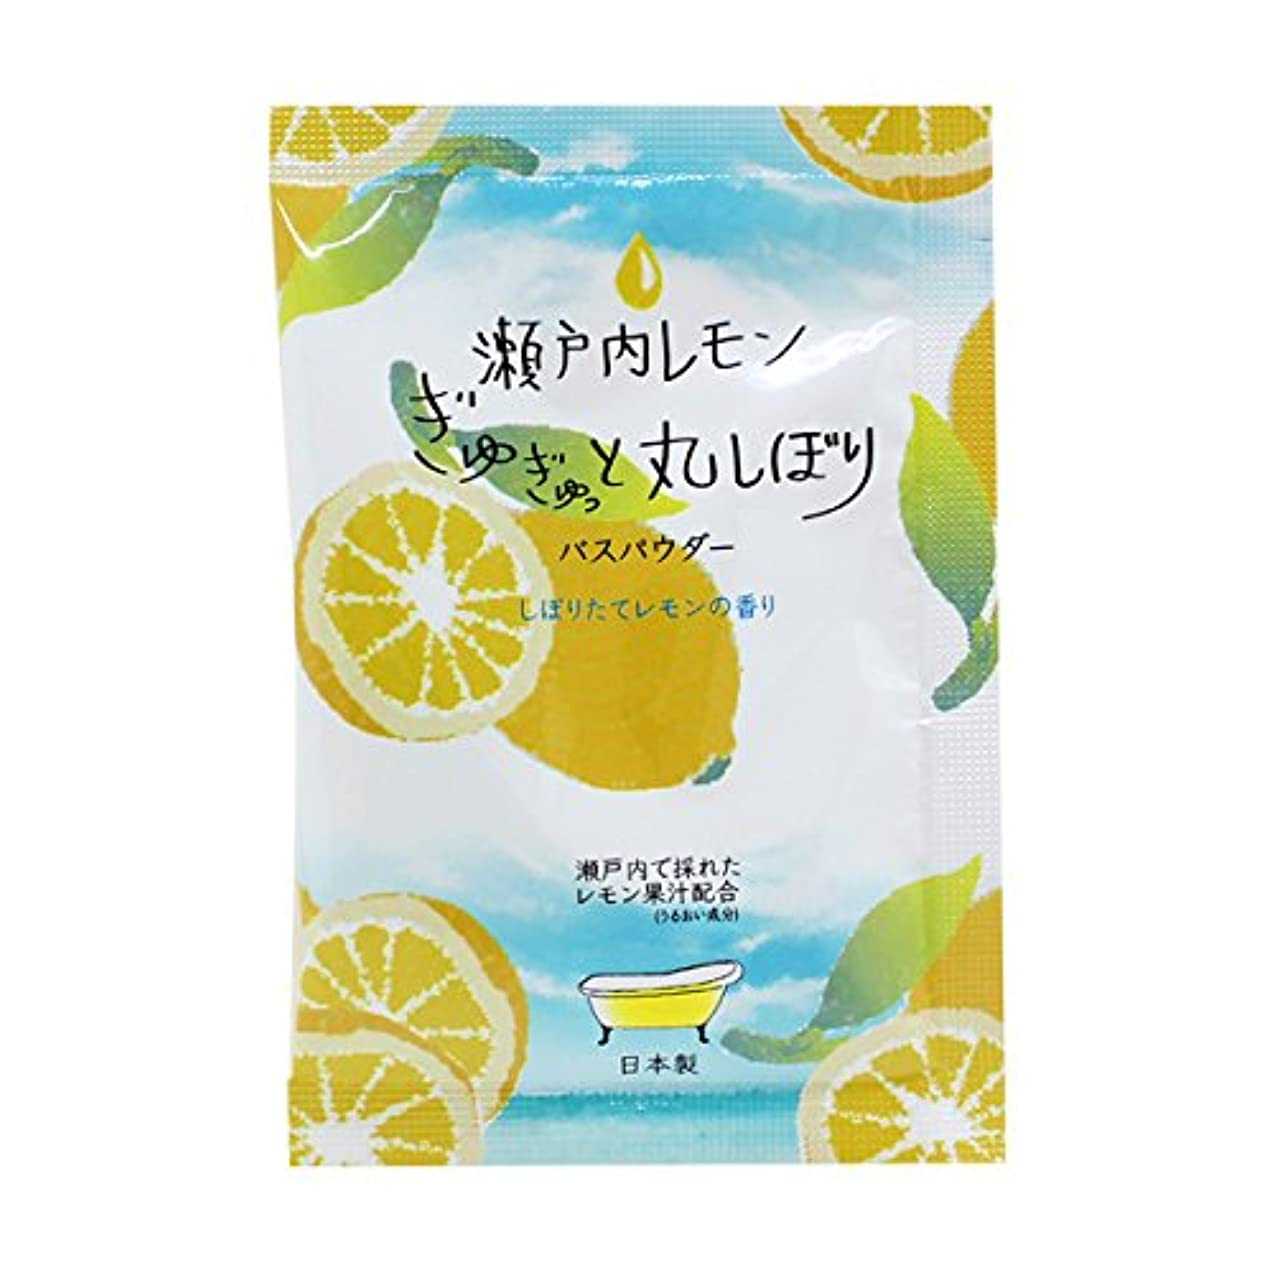 ミサイル豪華なショートハーバルエクストラ リッチバスパウダー 「瀬戸内レモンの香り」30個